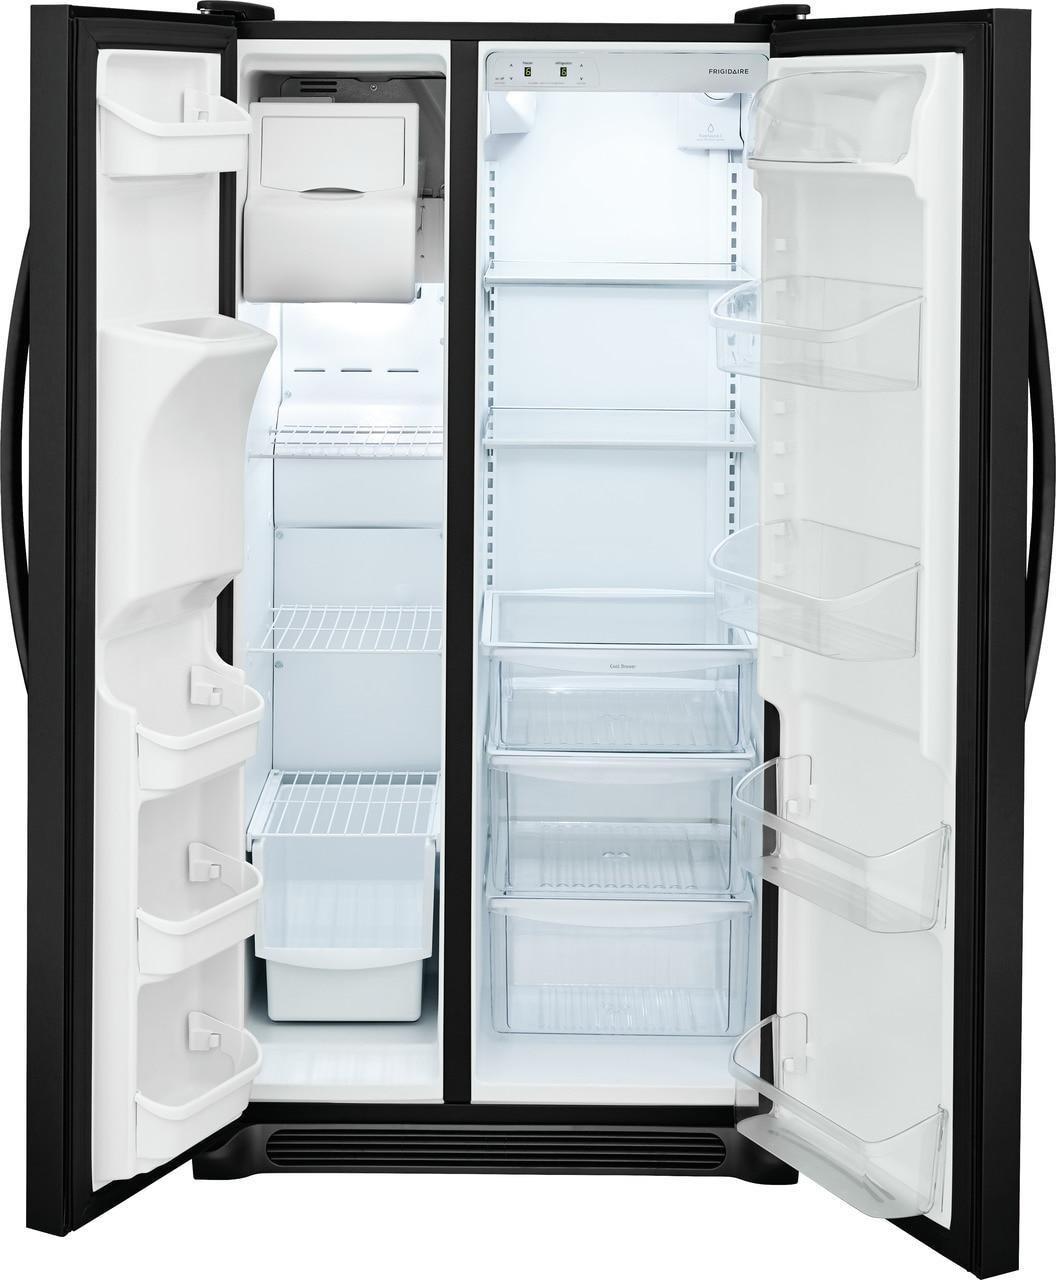 Model: FFSS2315TE | Frigidaire 22.1 Cu. Ft. Side-by-Side Refrigerator